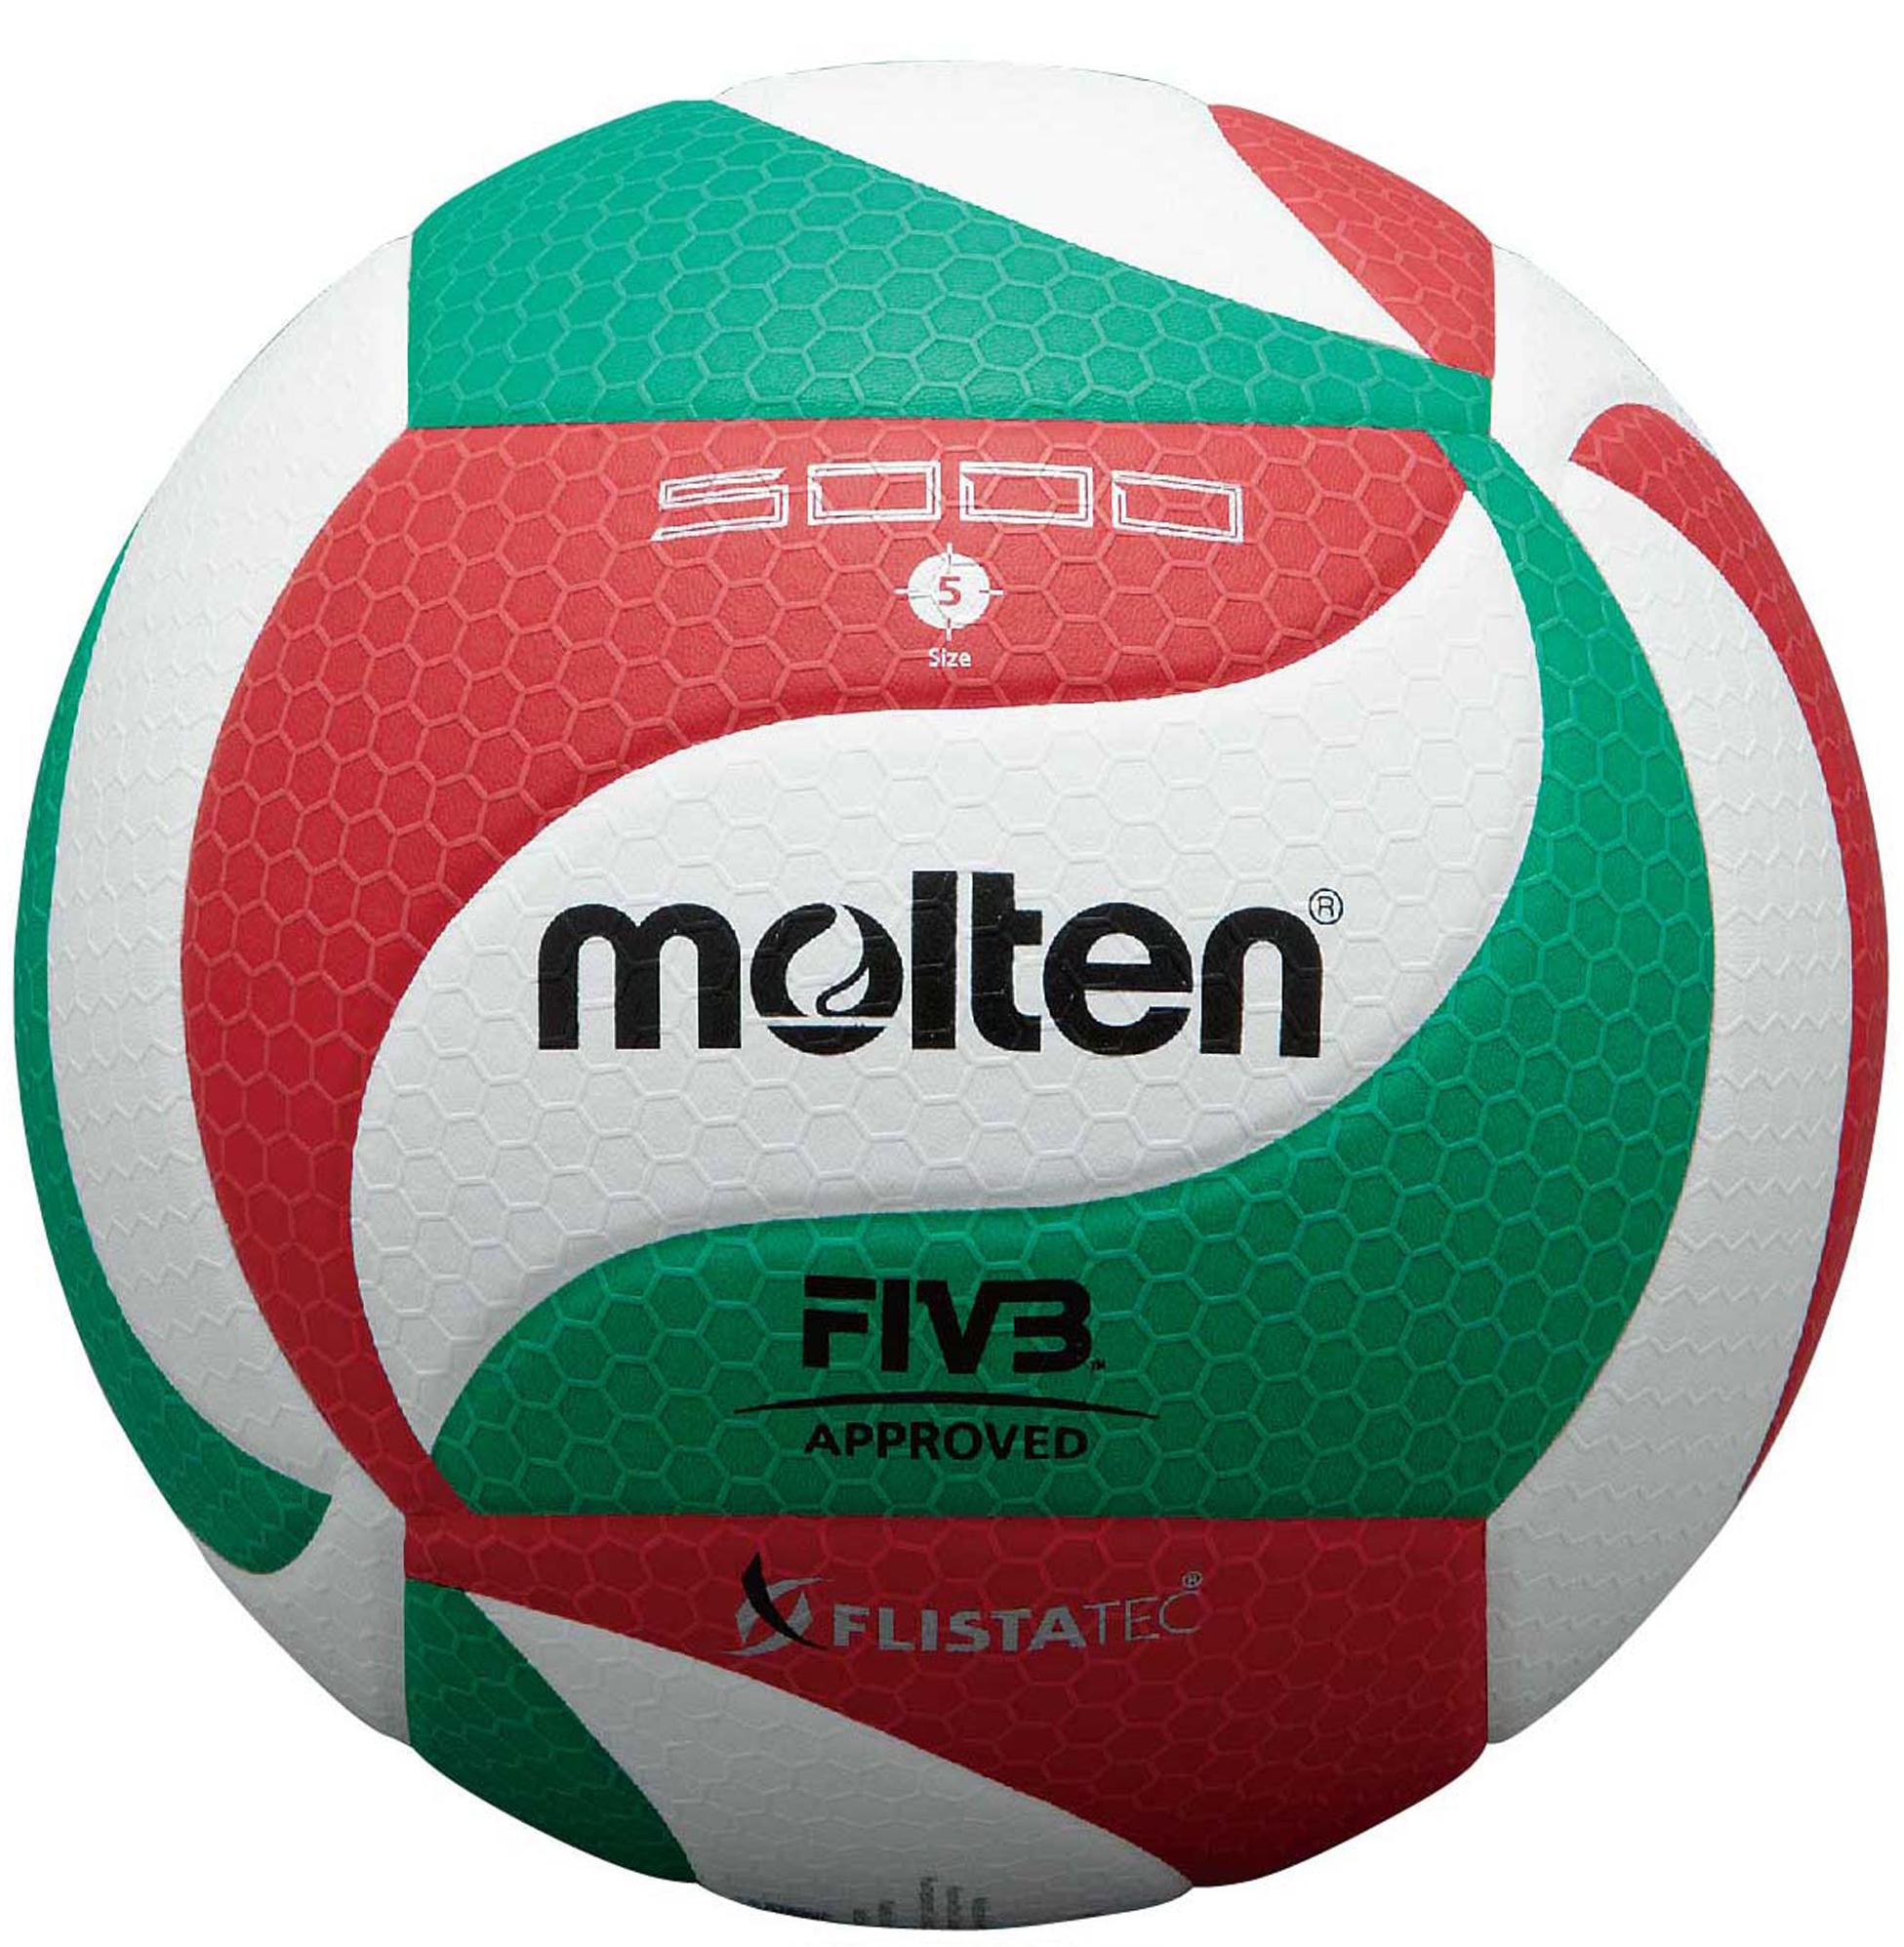 Molten Мяч волейбольный